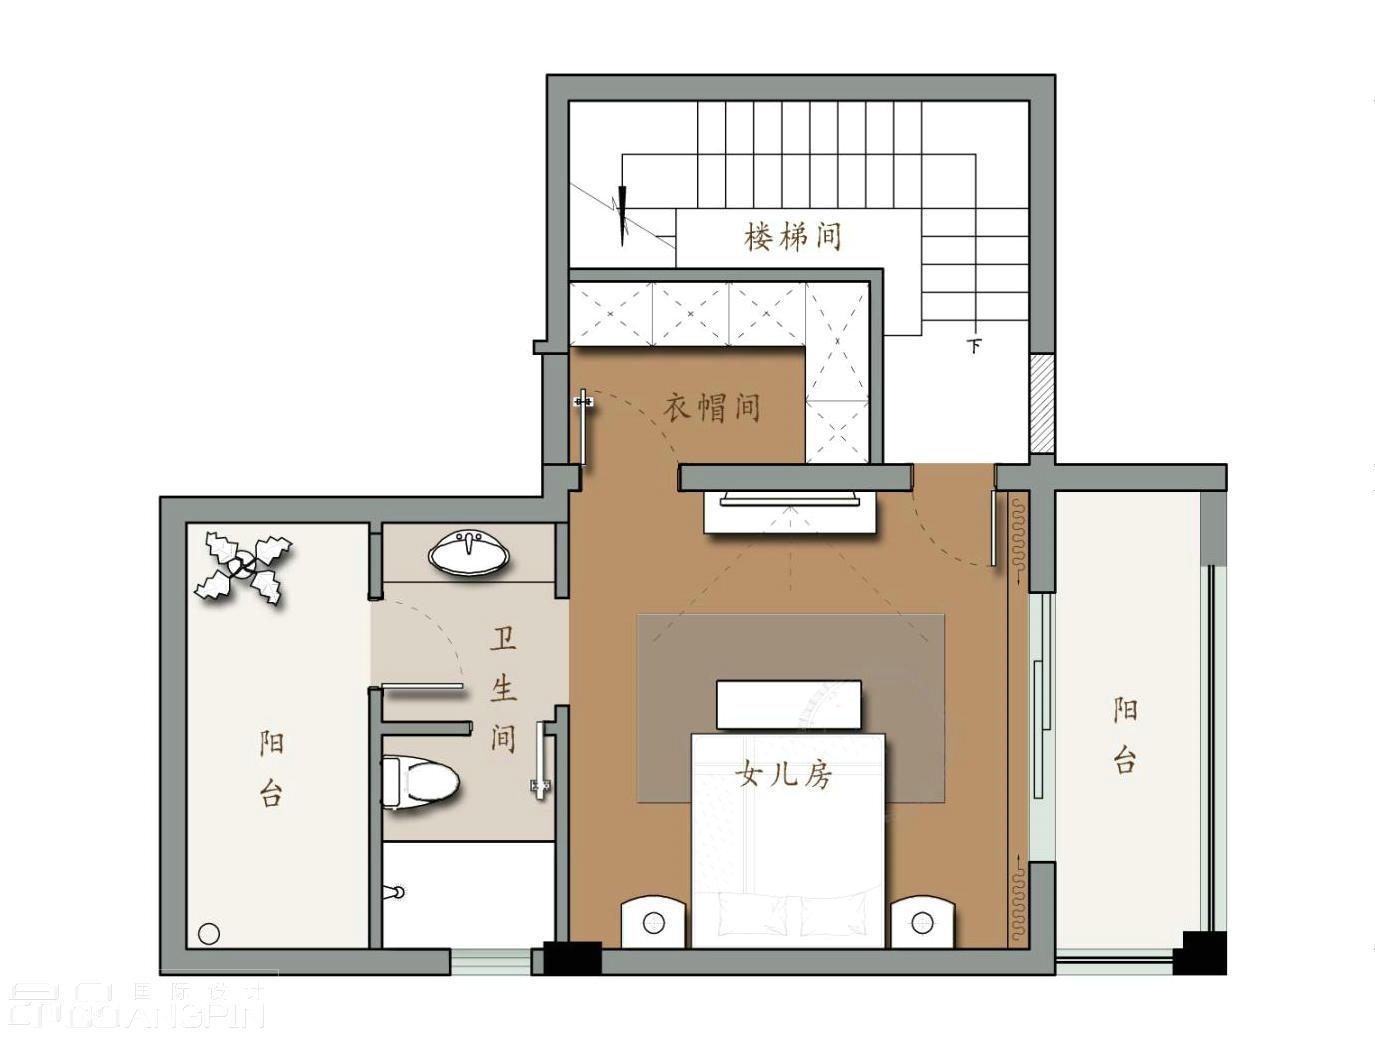 三楼平面设计 三楼为女儿房,包含卧室、衣帽间和卫生间,由于顶楼为尖顶,层高较高,所以隔了一个阁楼来为女儿使用。平面方案就这样了,大家看看有什么需要改的地方吗? 更多贵阳别墅装修设计案例、更多大宅设计咨询,及时关注微信:2853766533!